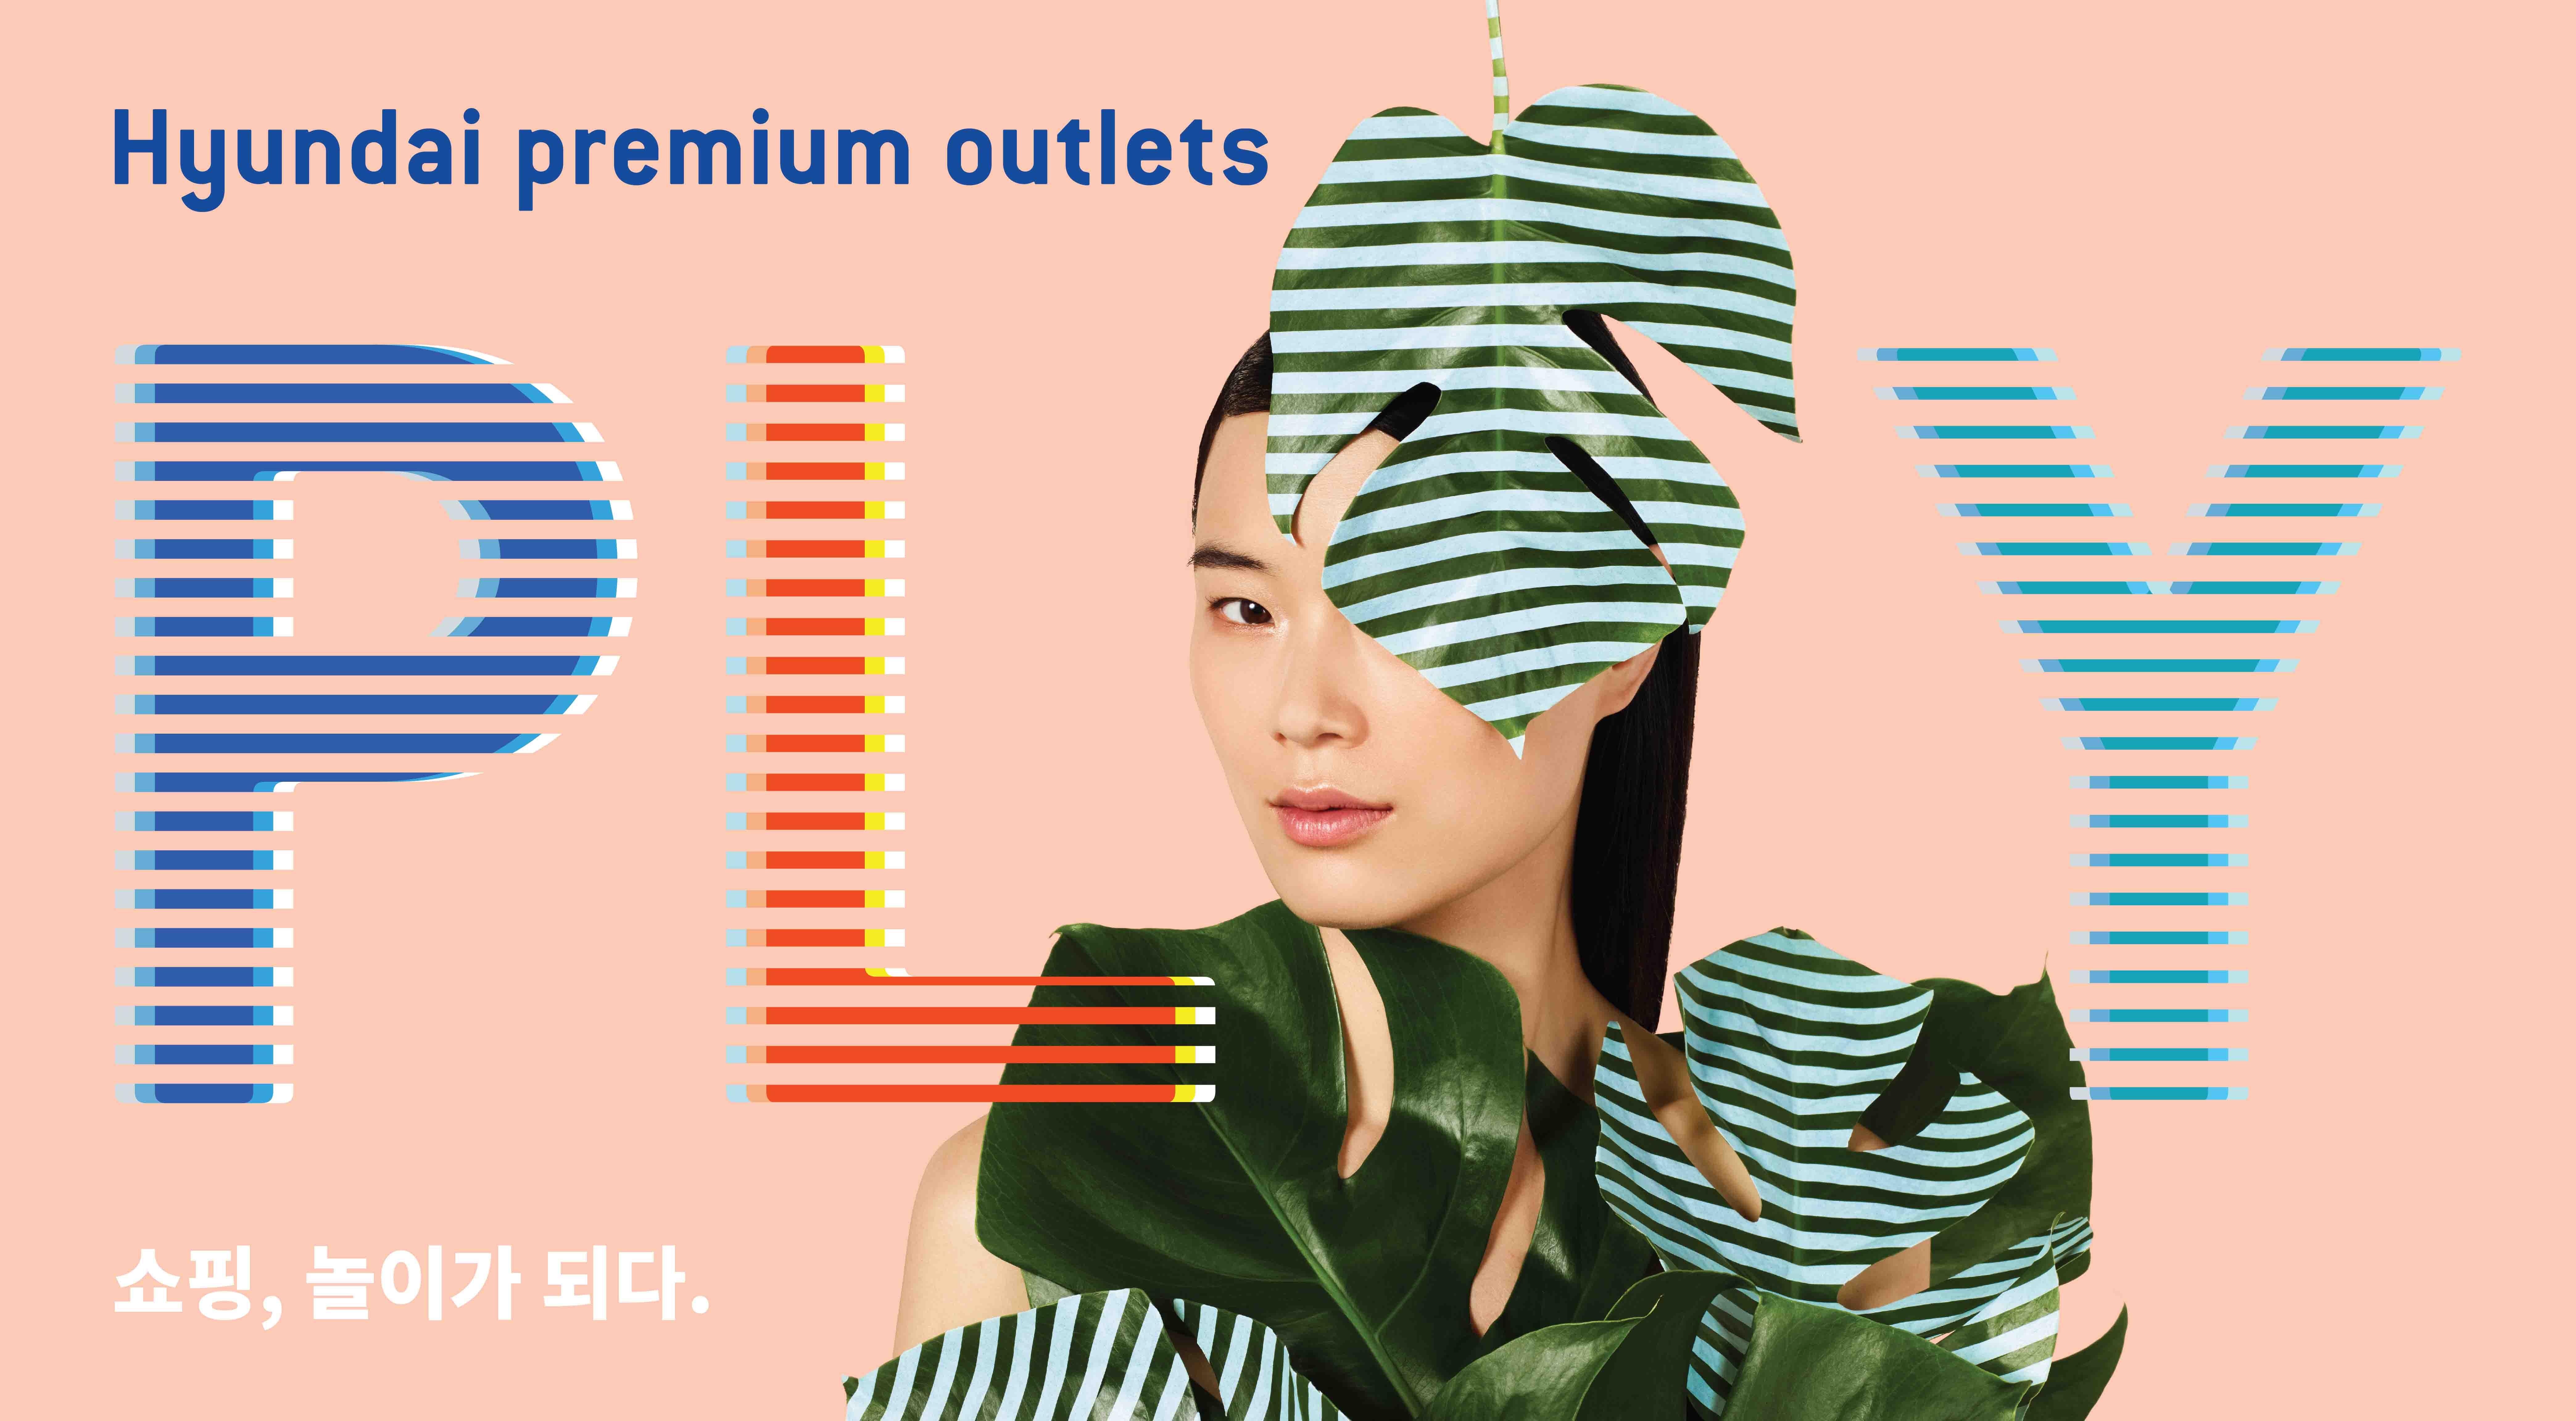 Hyundai_Play Campaign_HPO_6970 X 3800_DEF